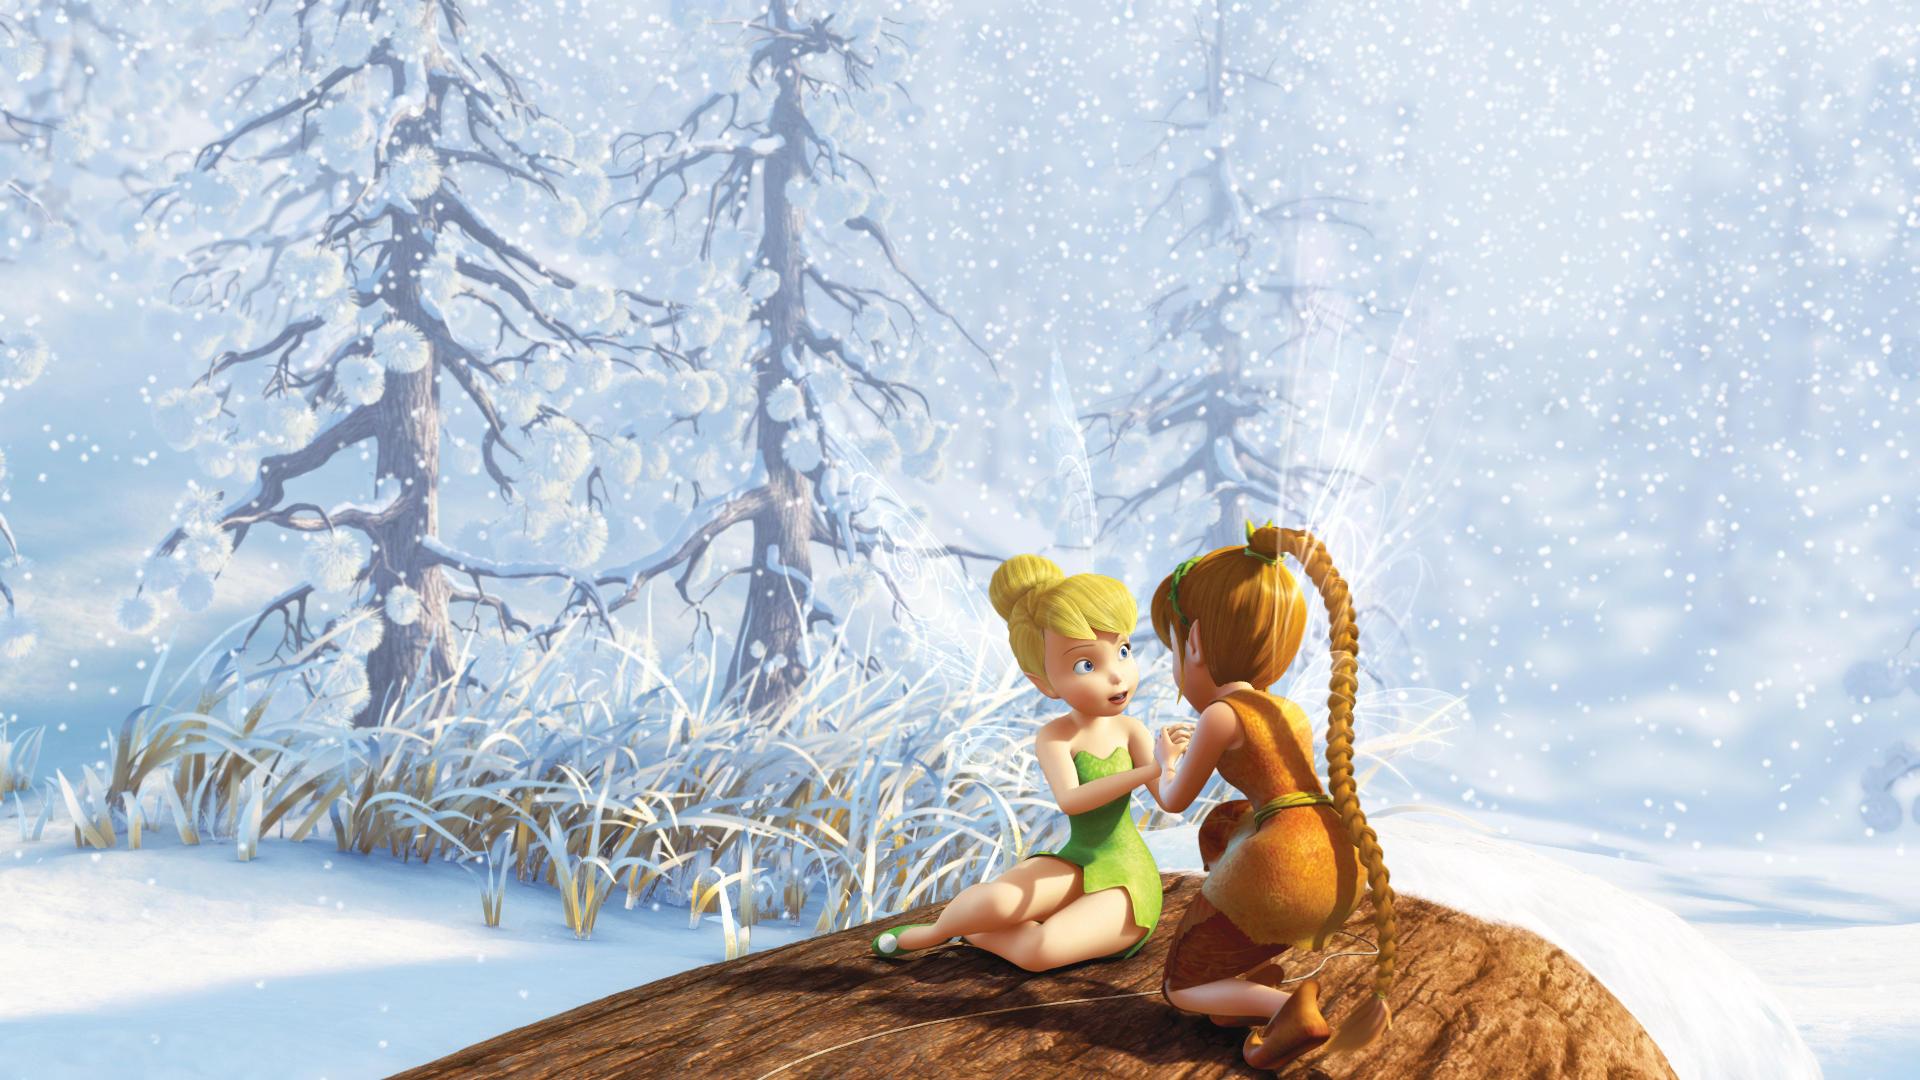 Смотреть феи тайна зимнего леса в хорошем качестве 9 фотография